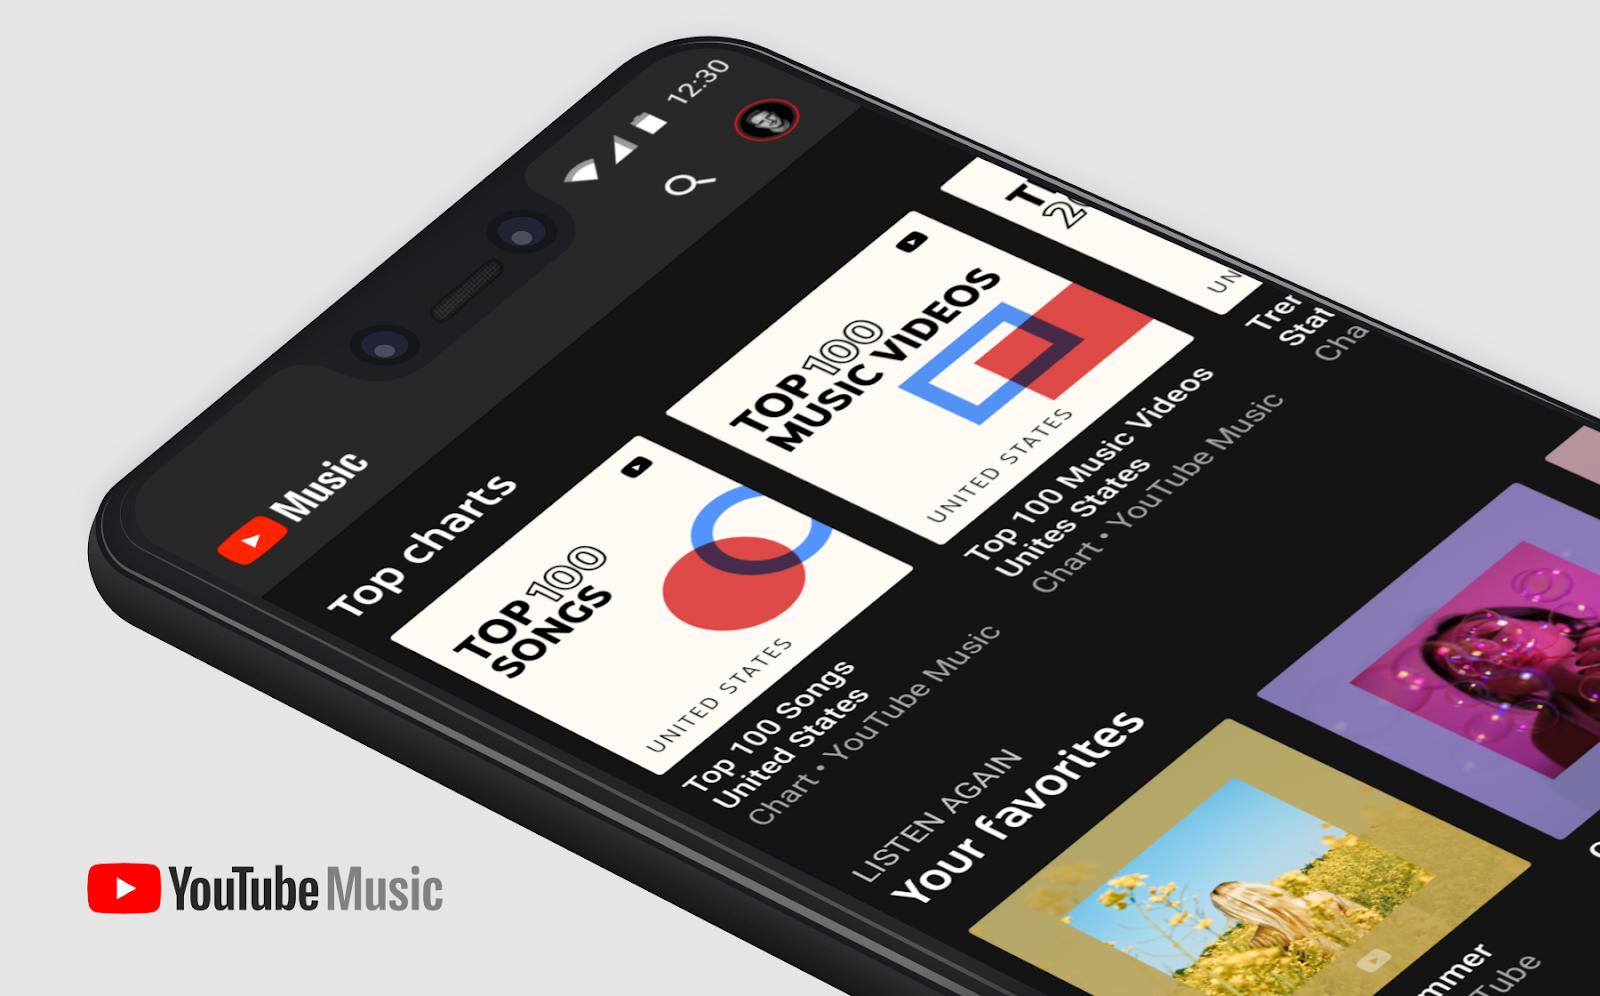 Google собирается сделать YouTube Music основным музыкальным приложением для телефонов на андроид